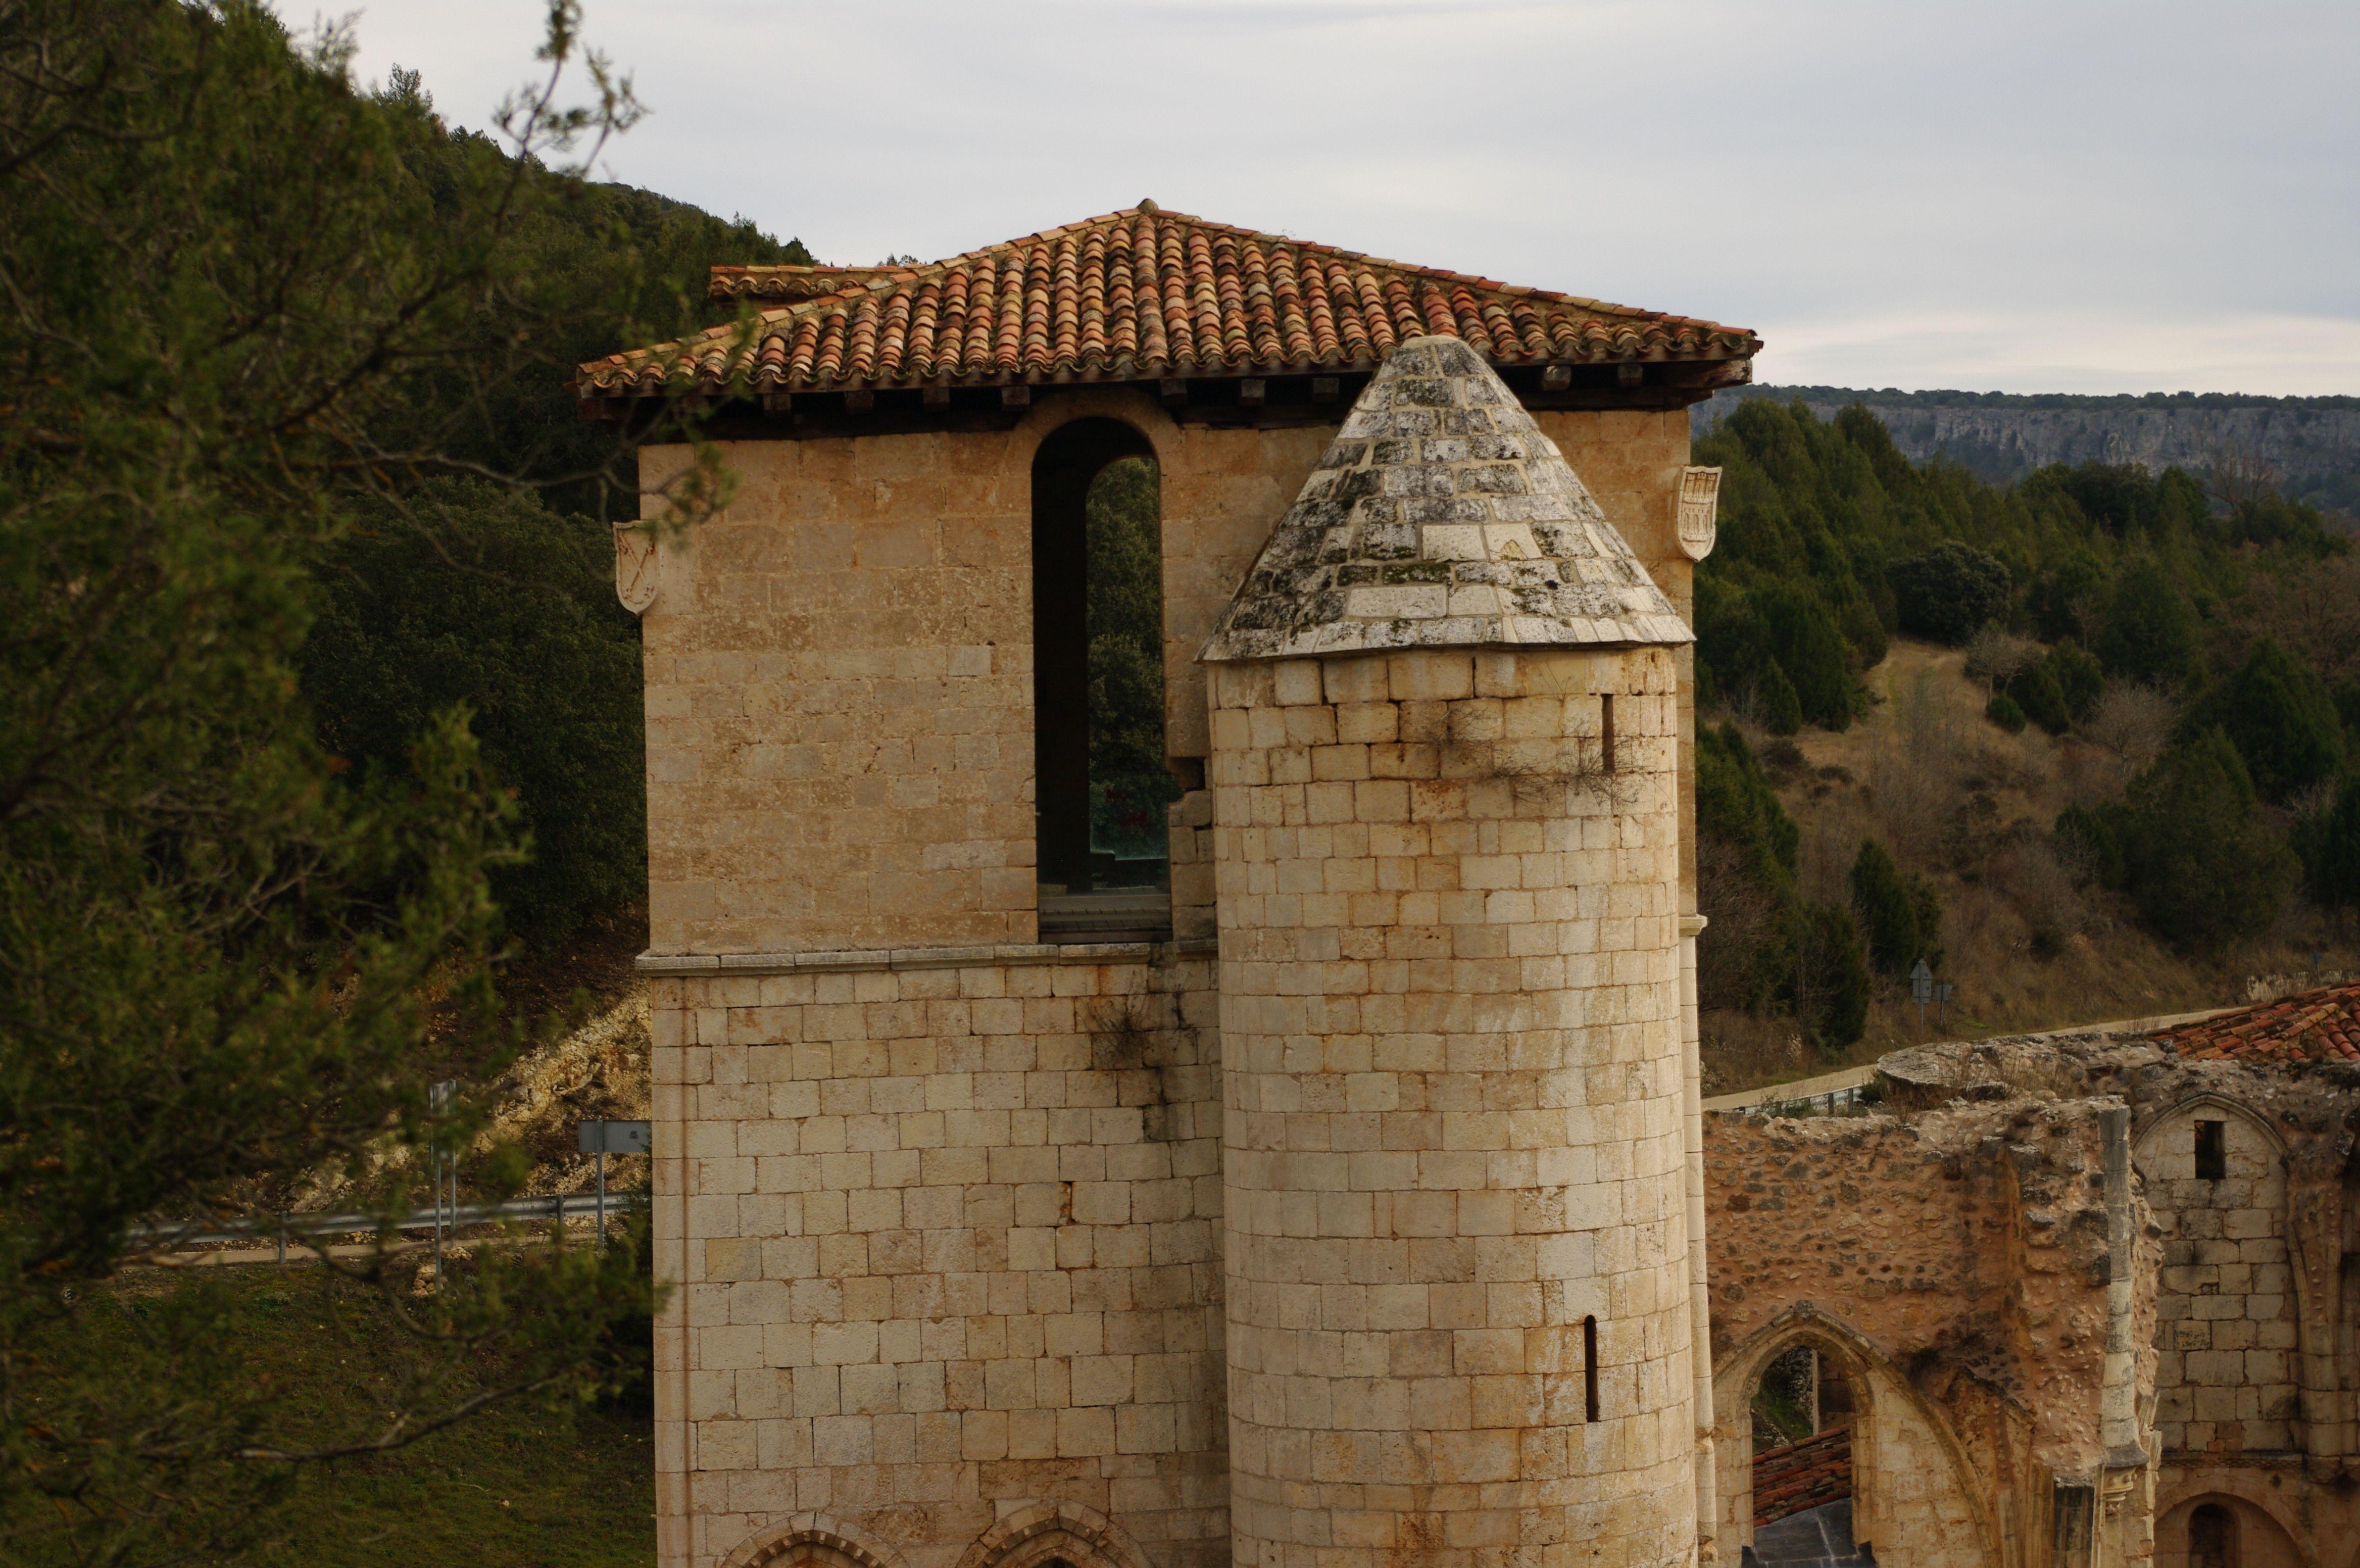 Antonio Delgado Burgos Monasterio De San Pedro De Arlanza Monasterios Burgos Viajes